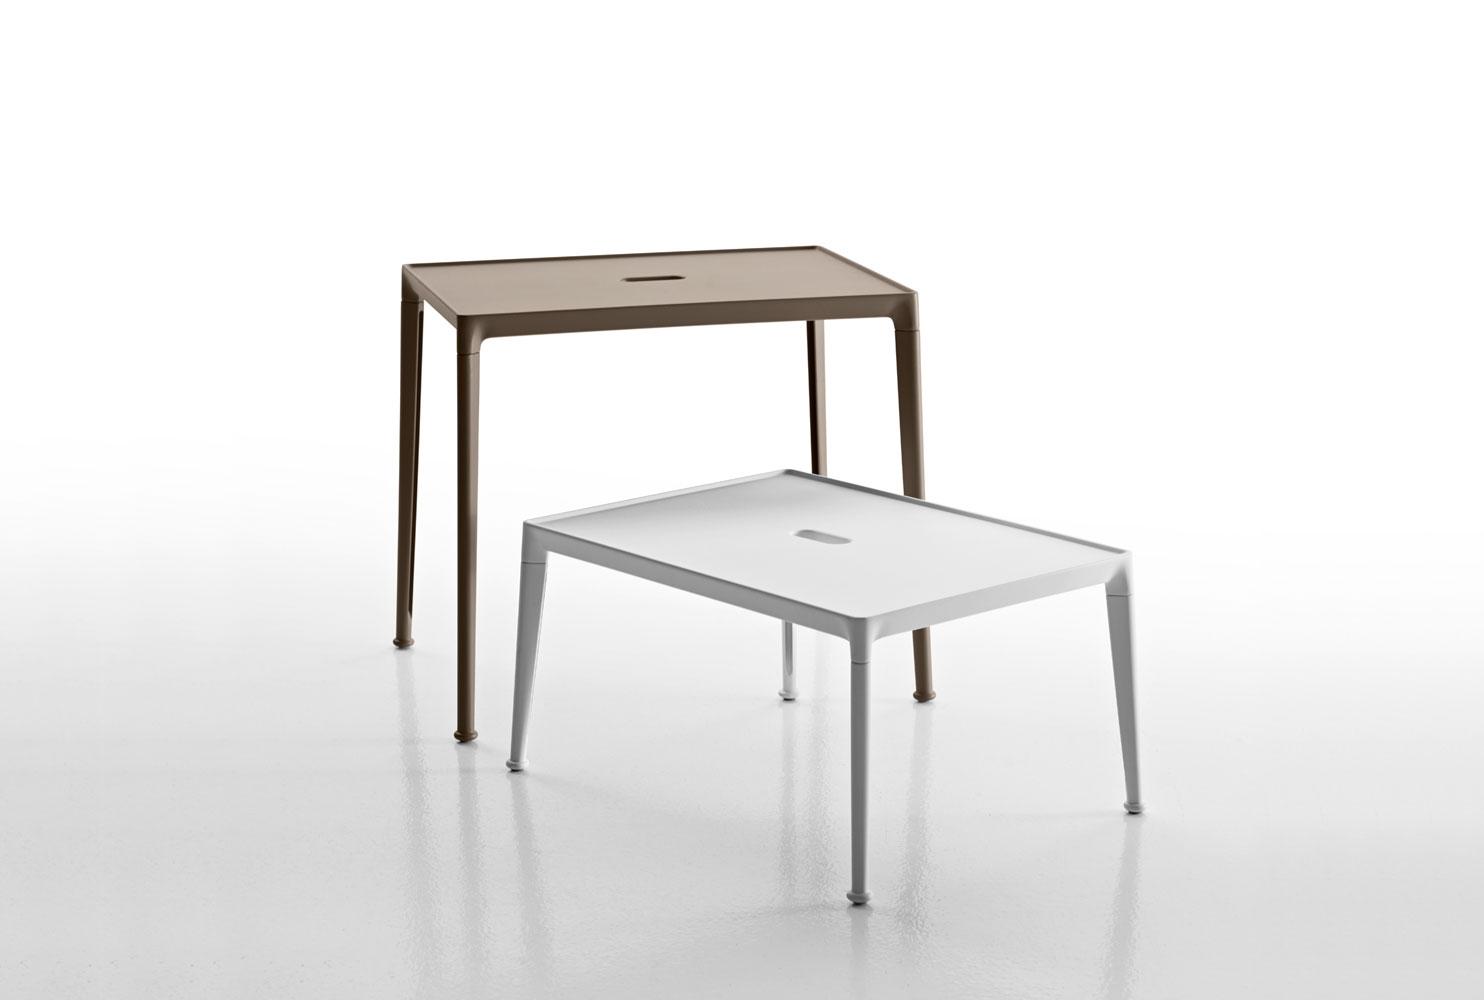 Mobili bagno boffi simple descrizione with mobili bagno for Casa design outlet